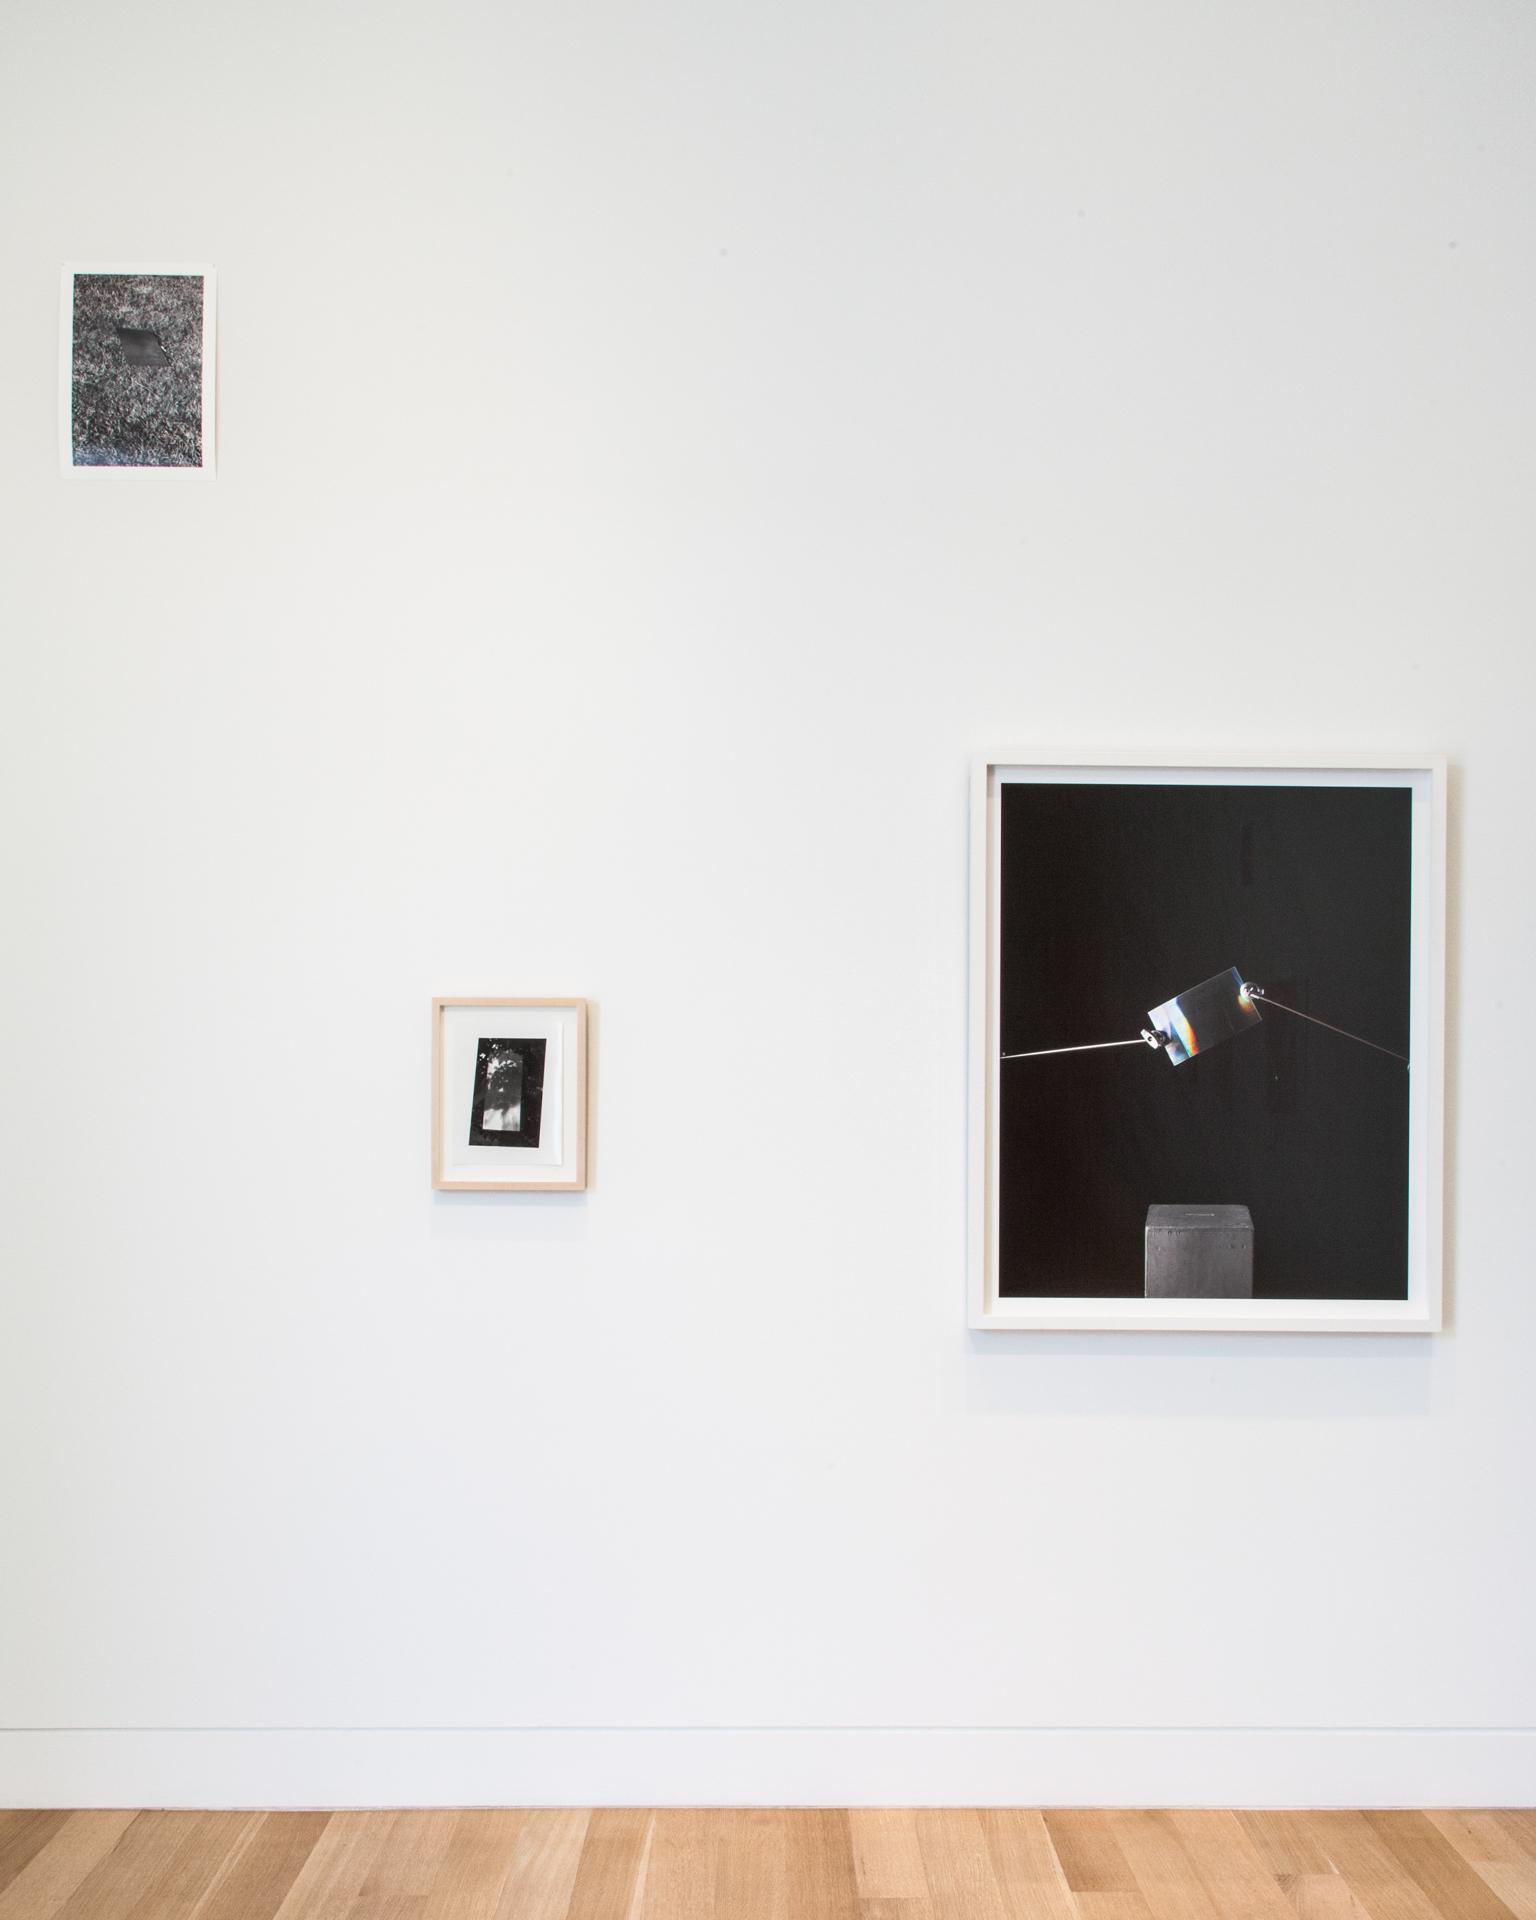 Thomsen_installations-6.jpg